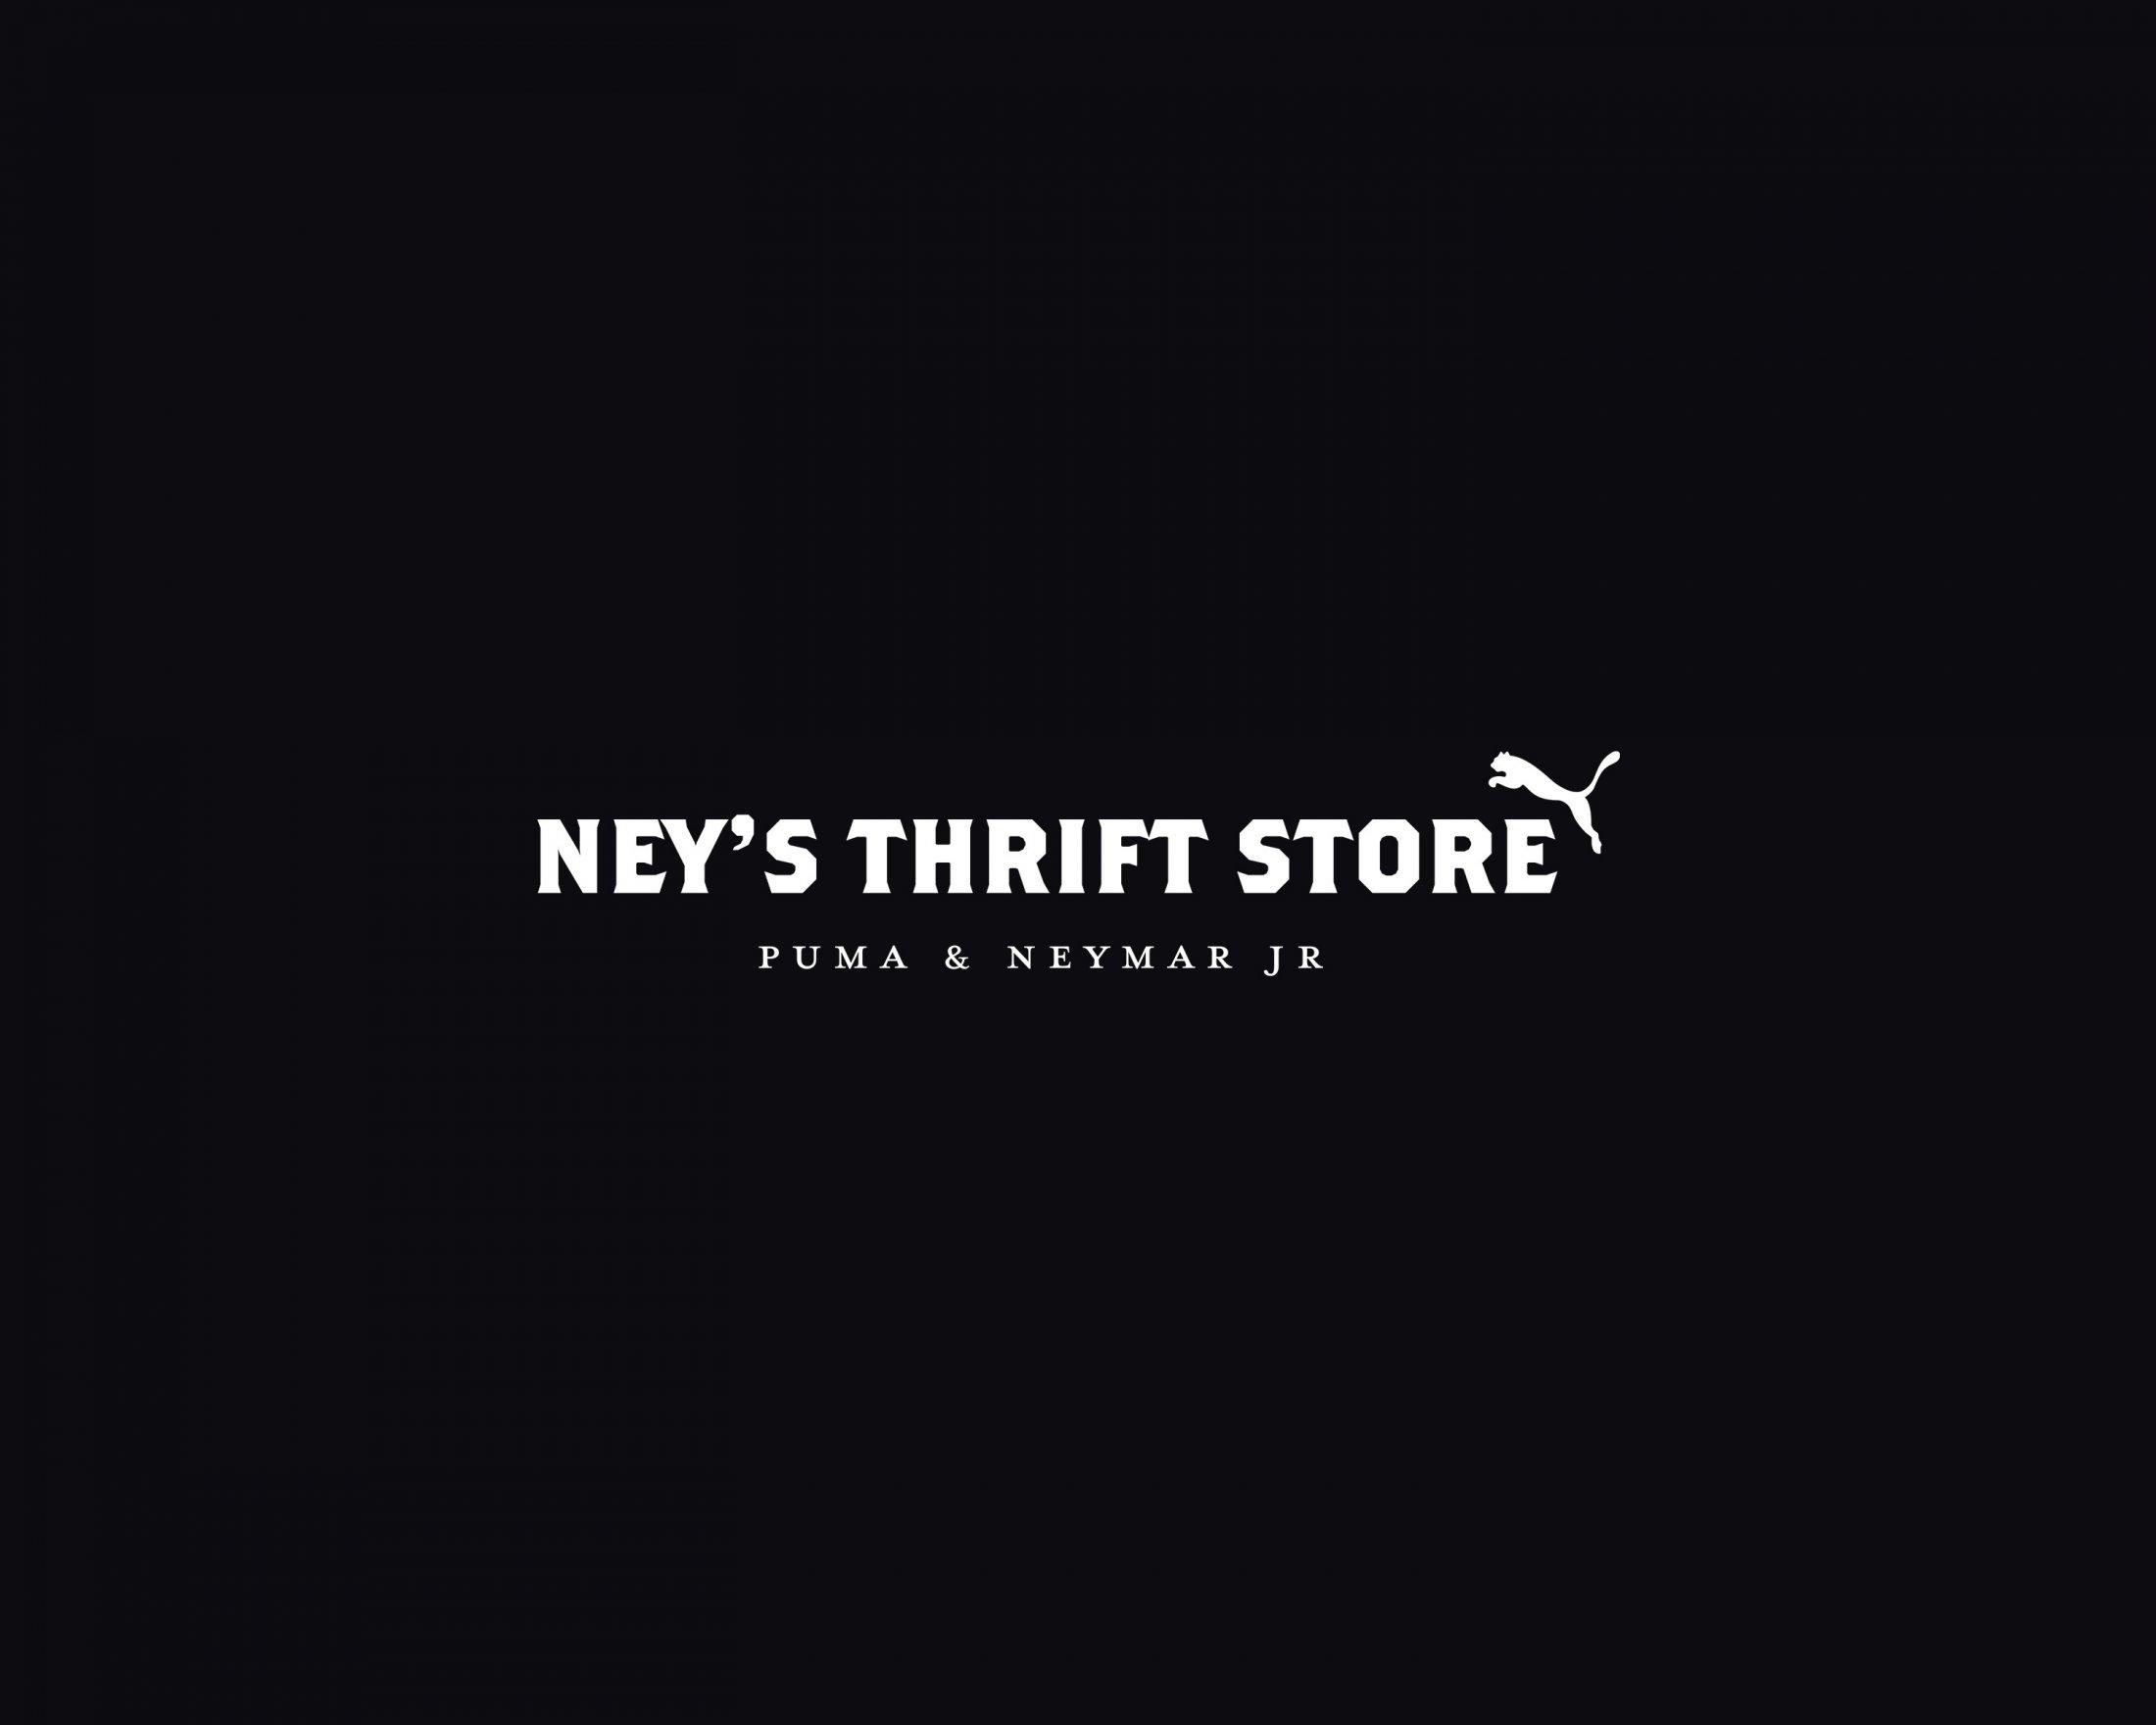 Thumbnail for Ney's Thrift Store